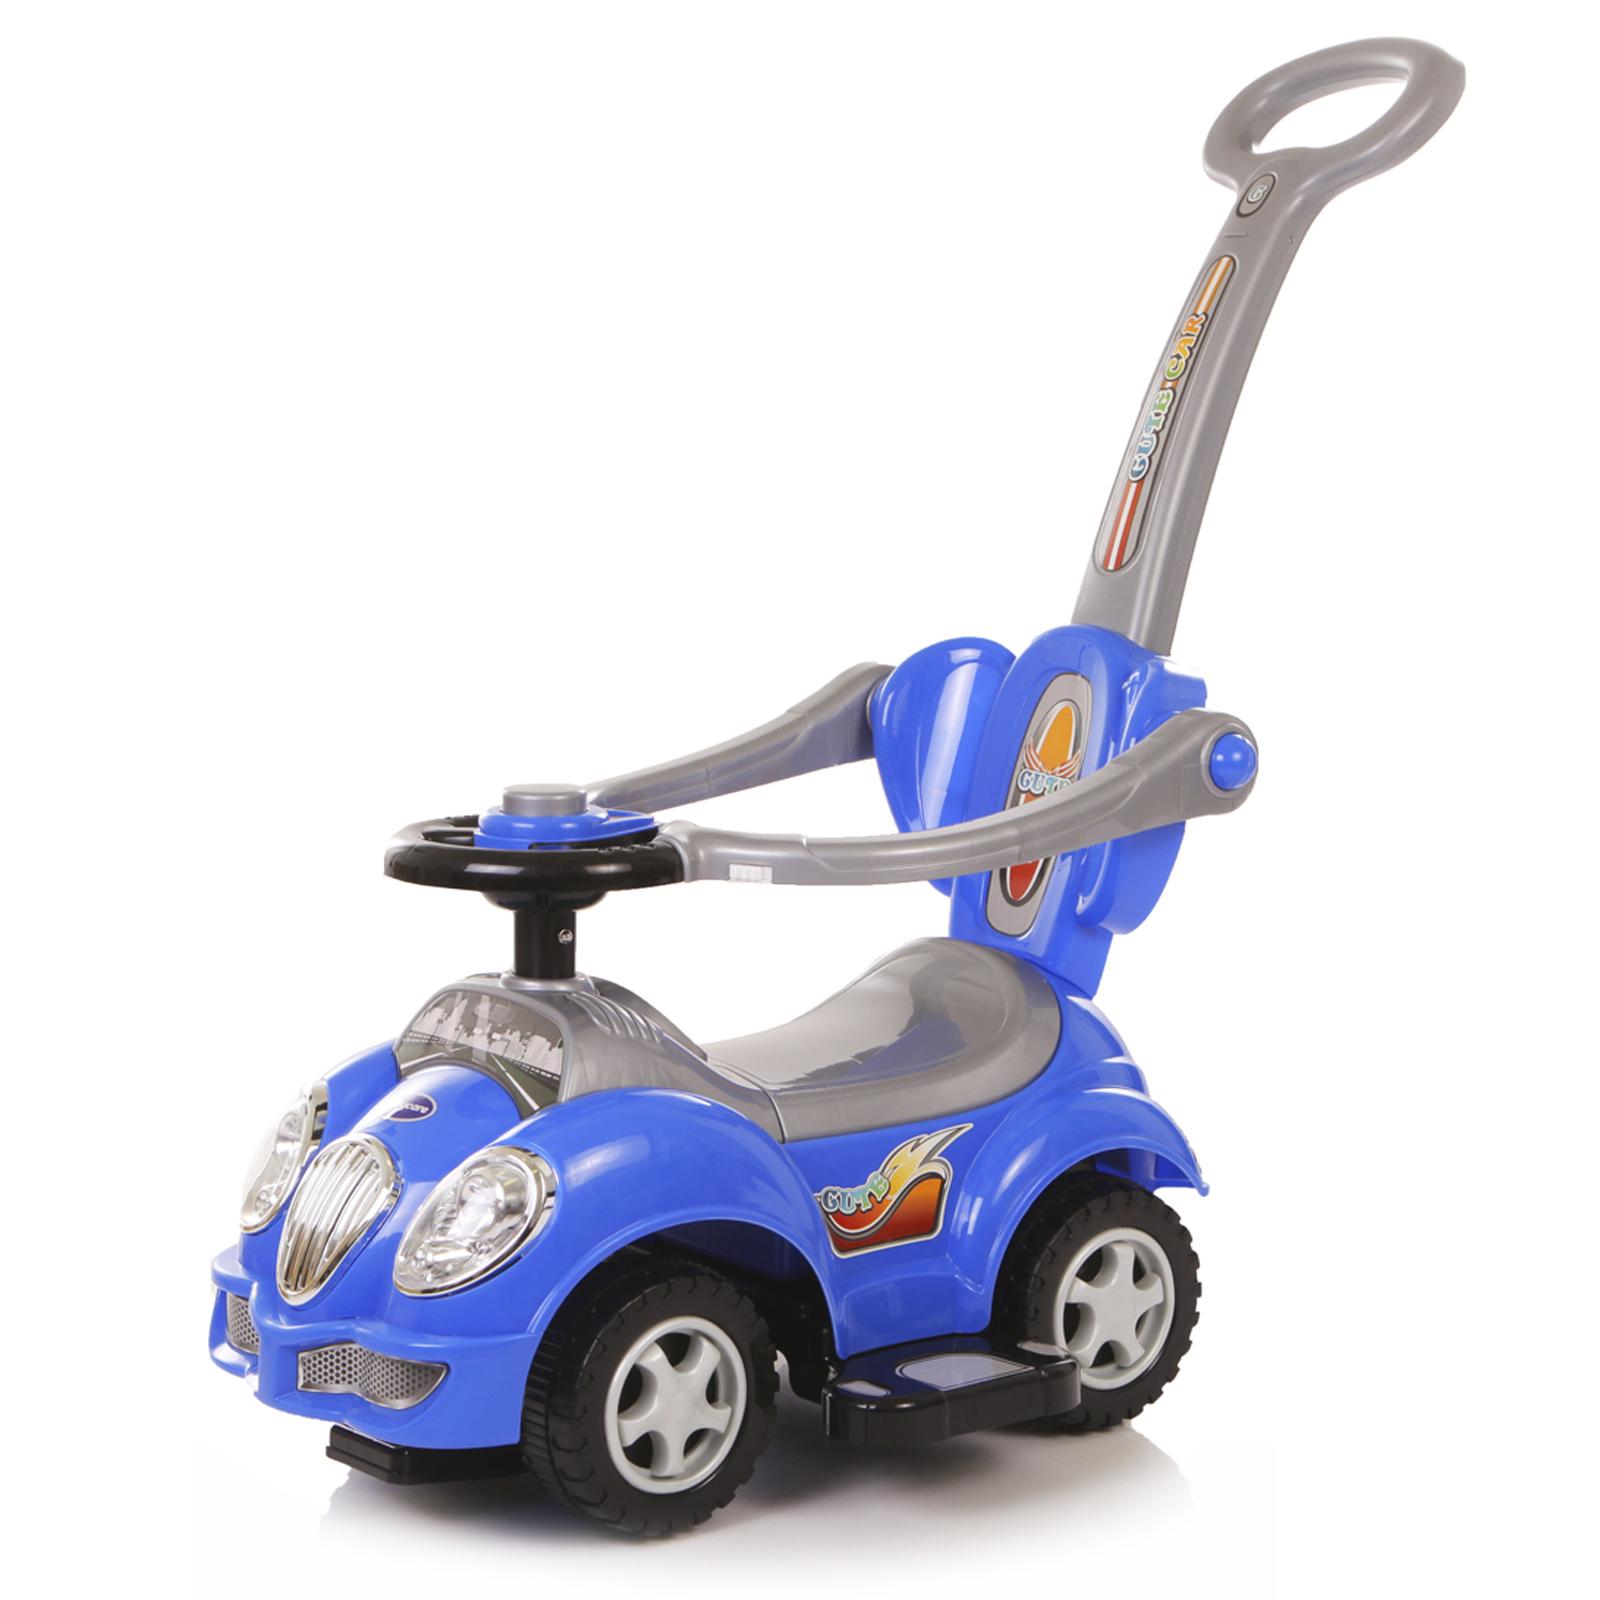 Купить Cute Car (резиновые колёса, музыкальный руль), Каталка детская Baby Care Cute Car резиновые колеса, музыкальный руль, Машинки каталки